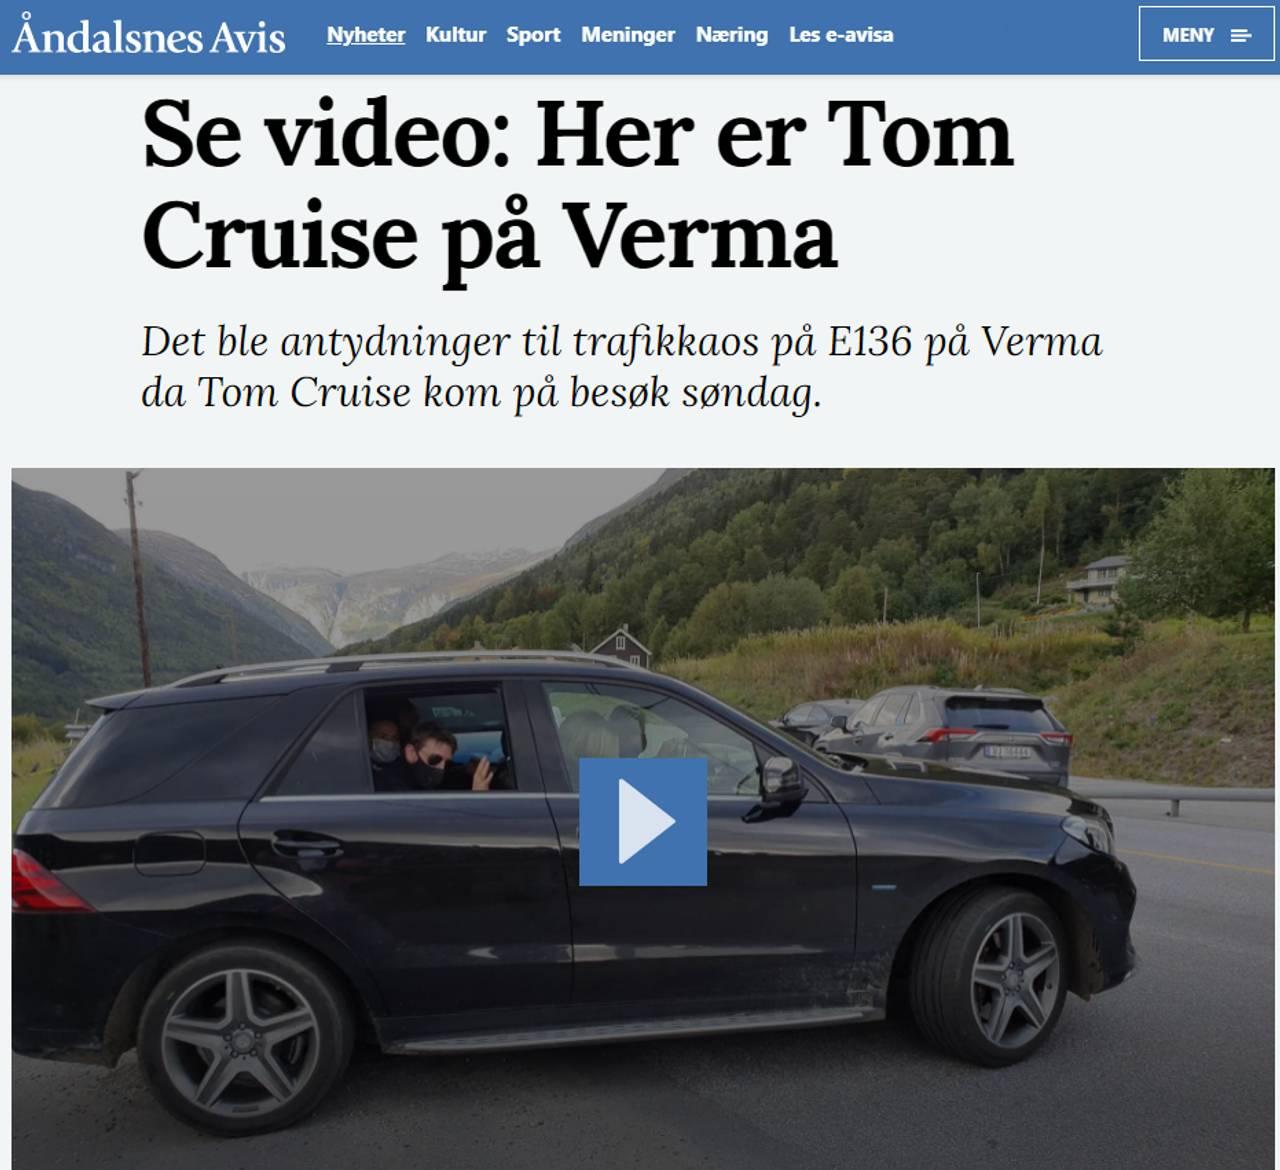 Tom Cruise på Verma